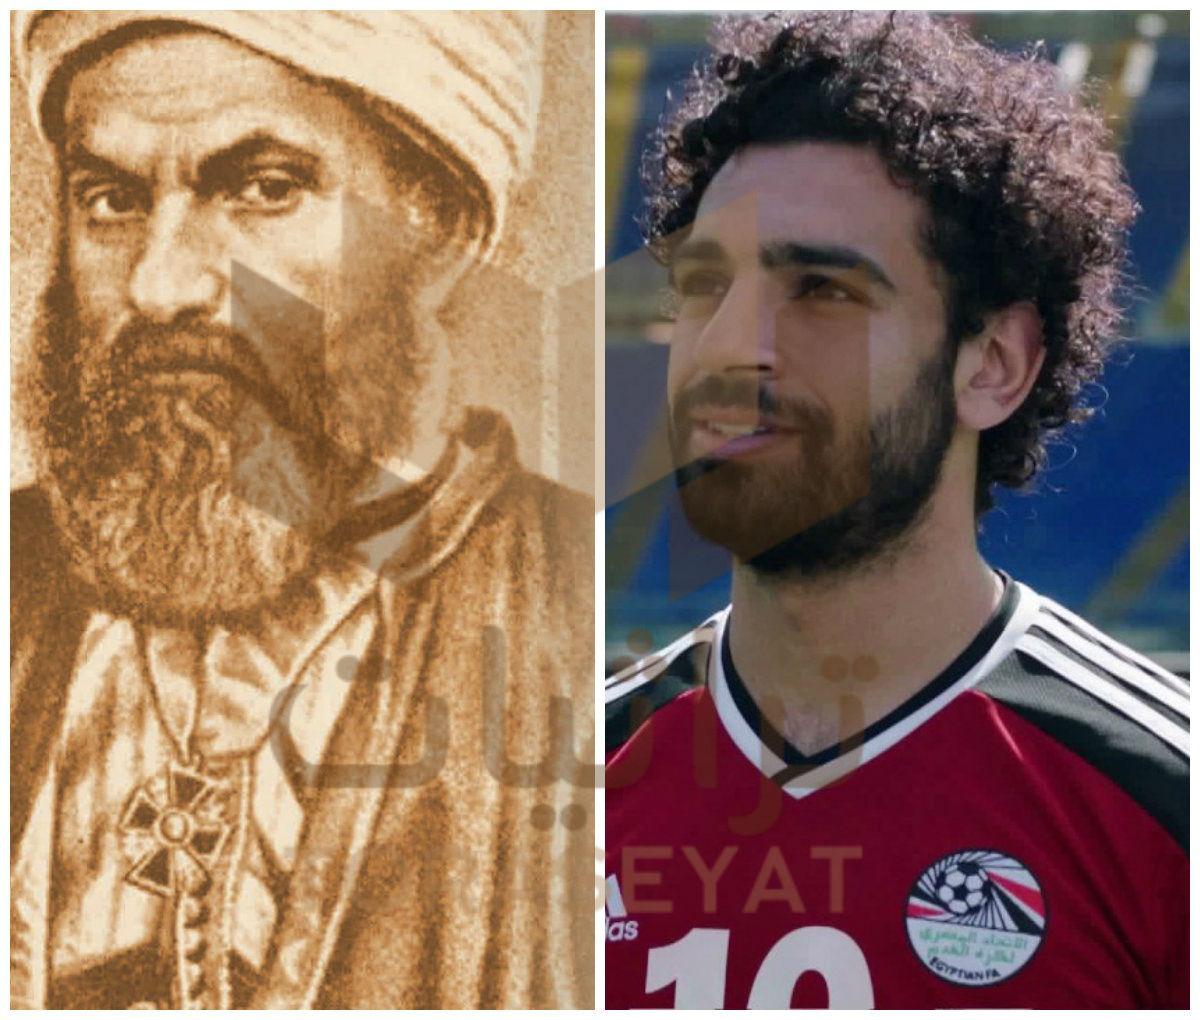 اللاعب محمد صلاح - الشيخ محمد عياد الطنطاوي